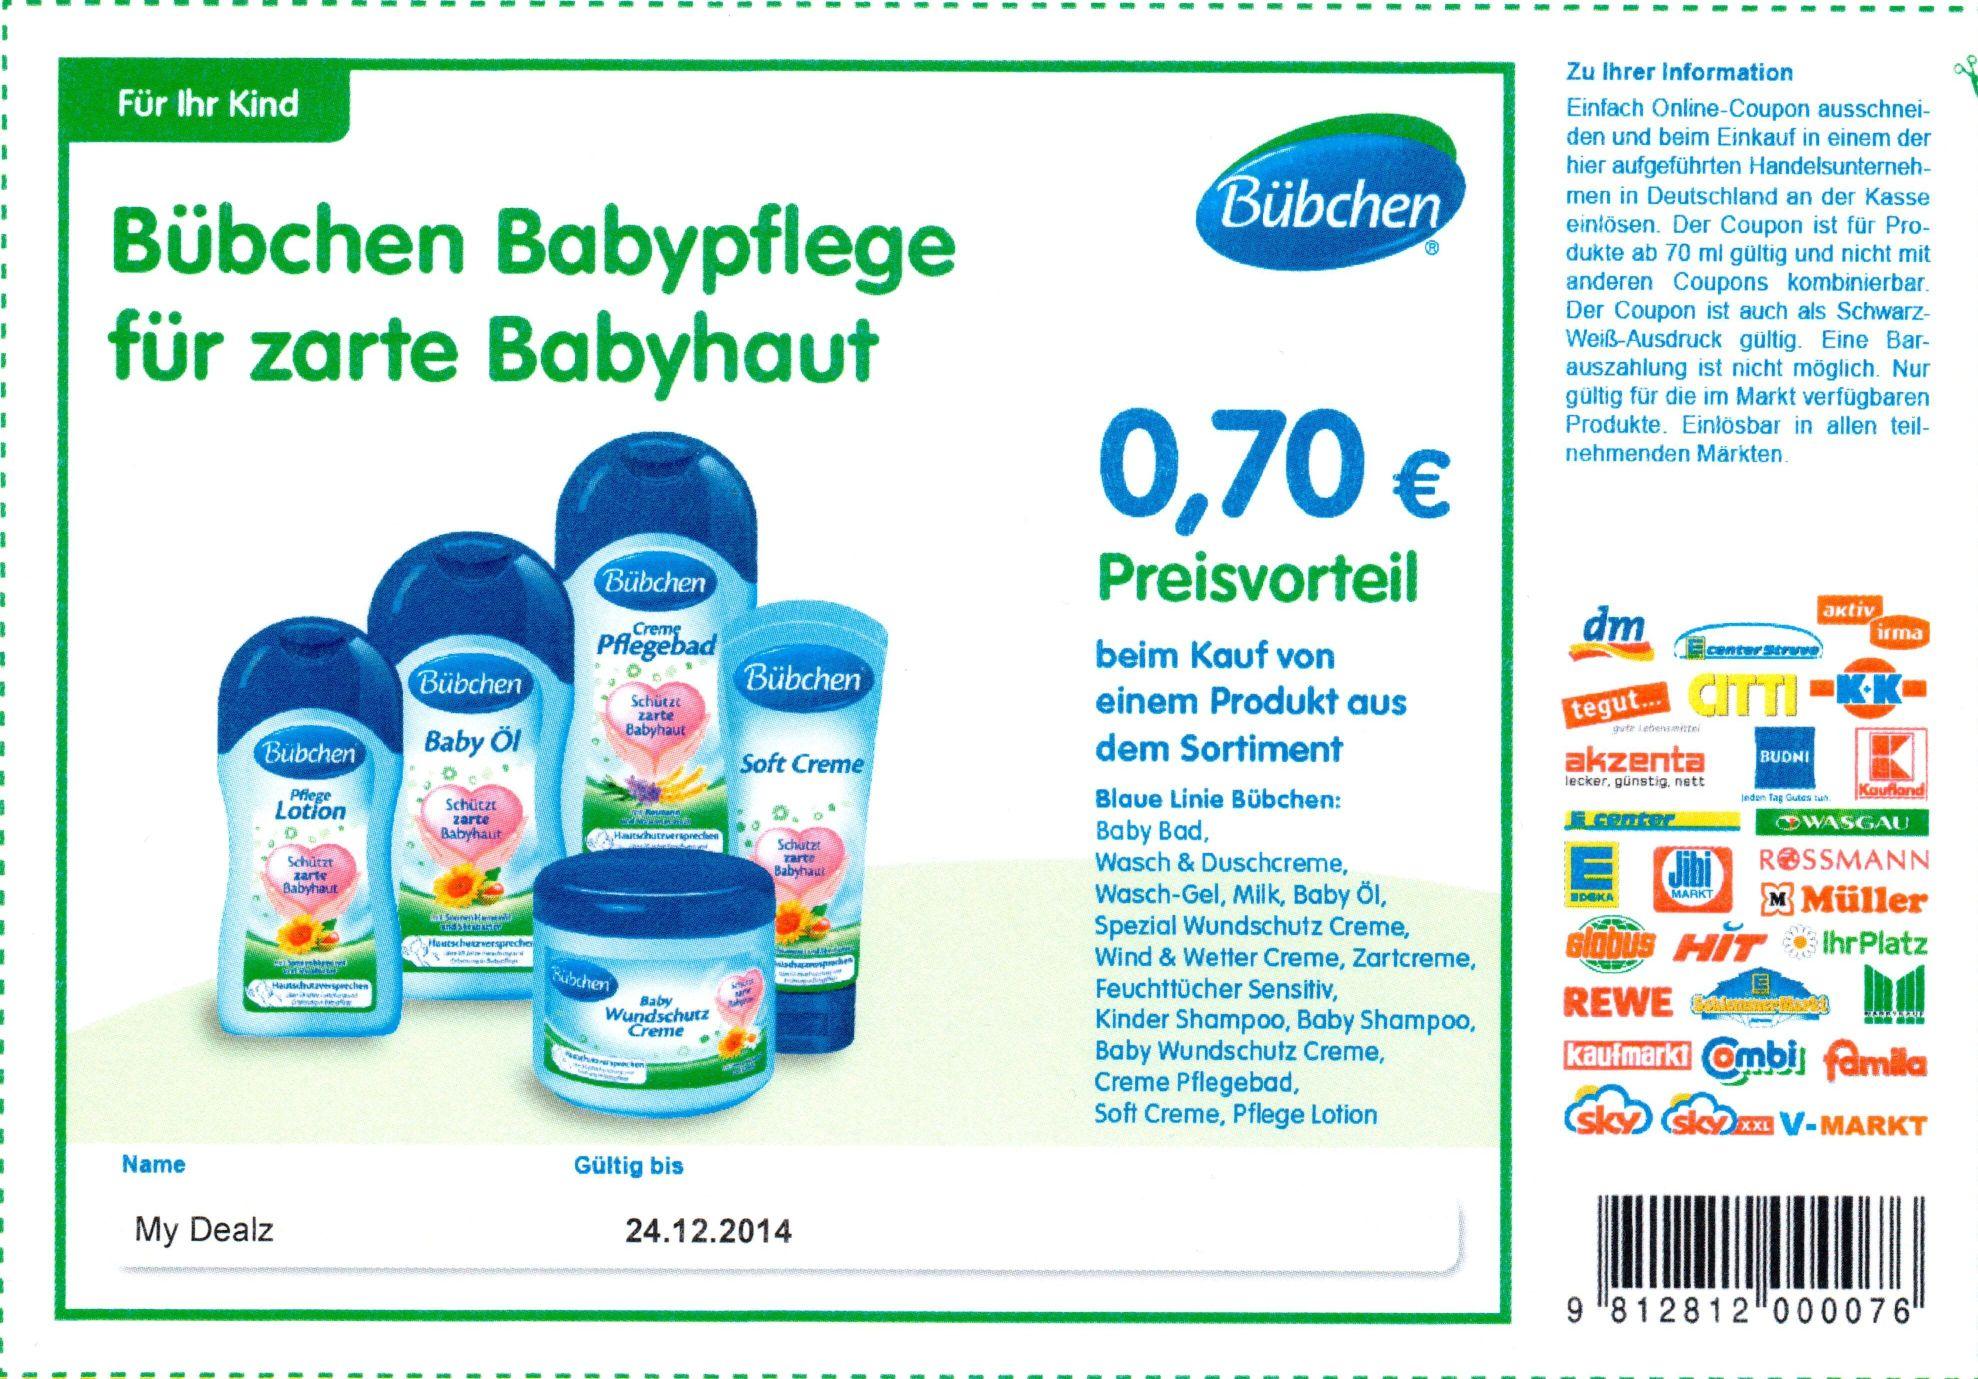 BUNDESWEIT] 16 Neue Sofort Rabatt Coupons auf Alete/Beba/Bübchen